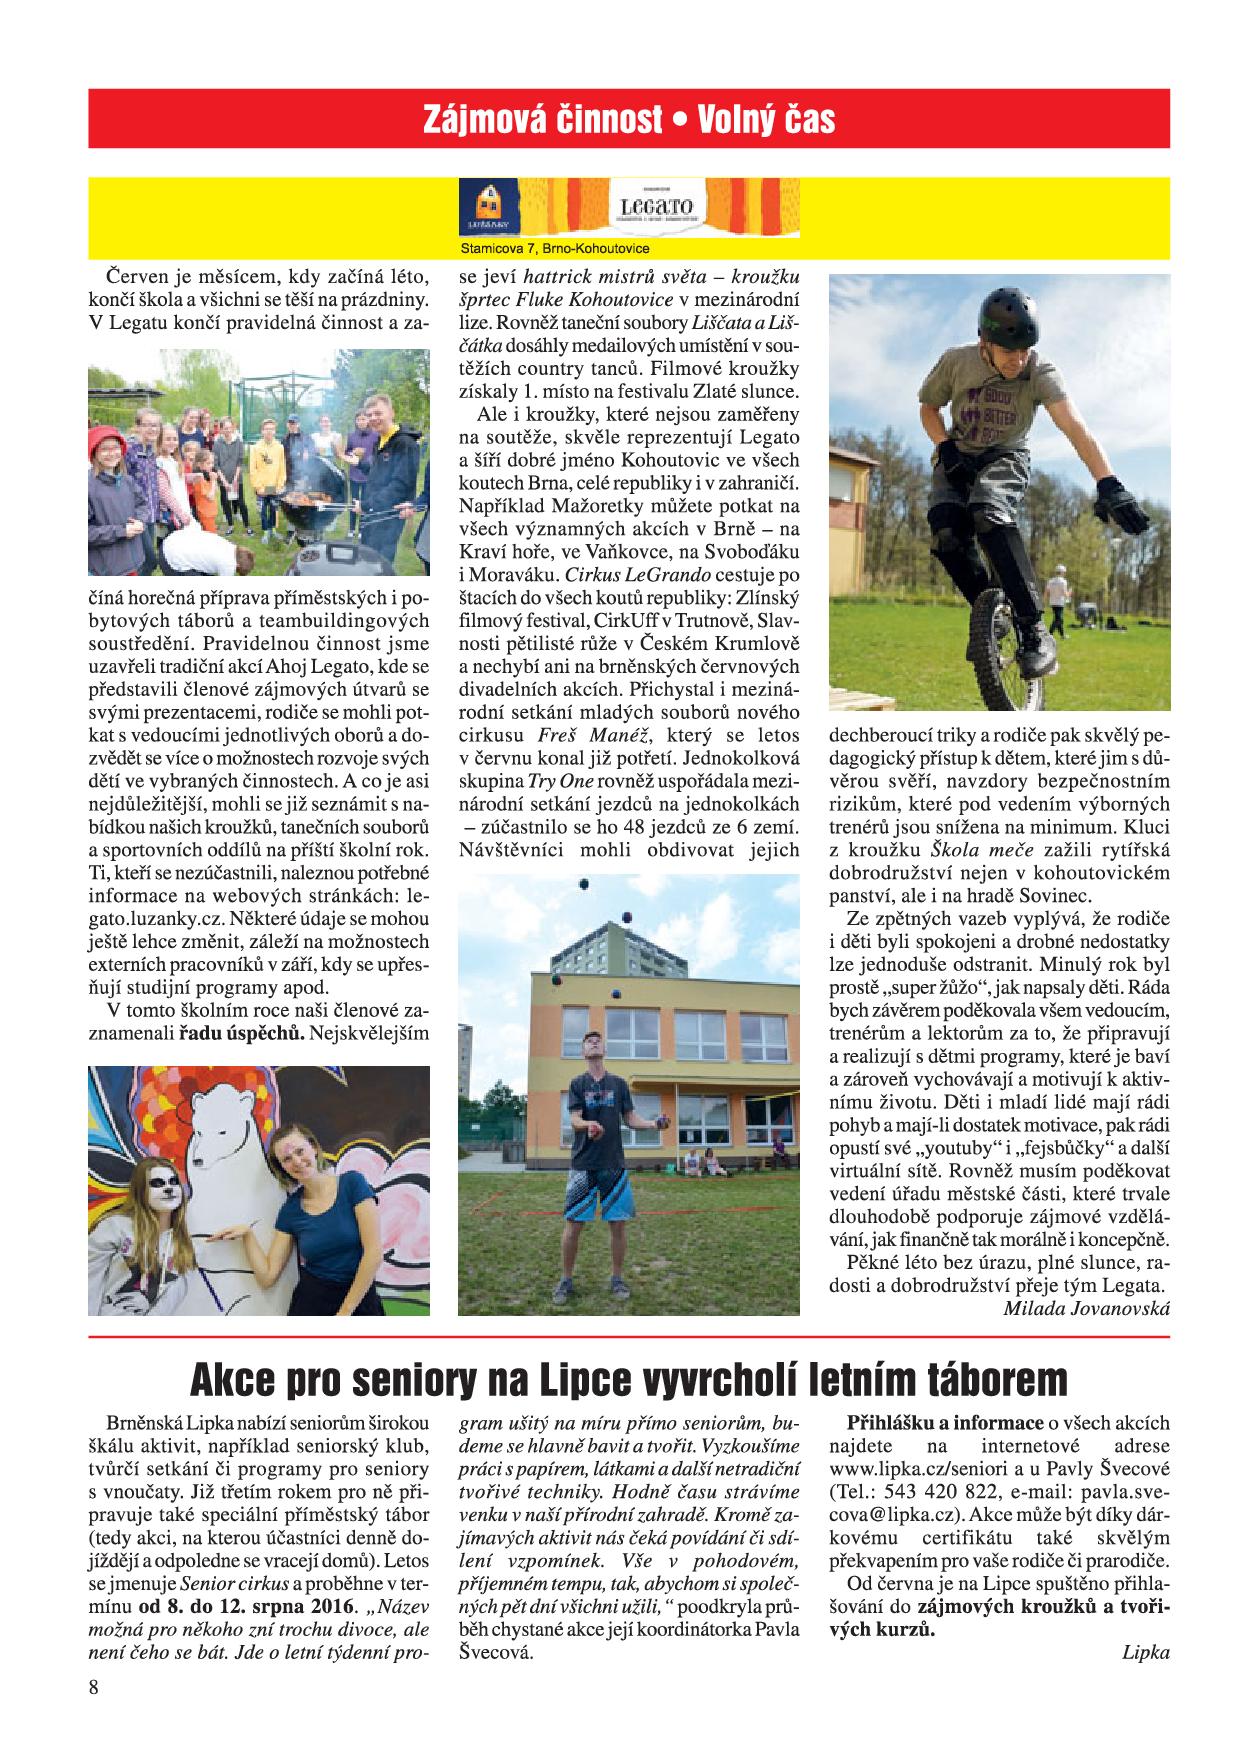 KK 6-2016-Kohoutovický-kurýr-brno-kohoutovice-červen-08